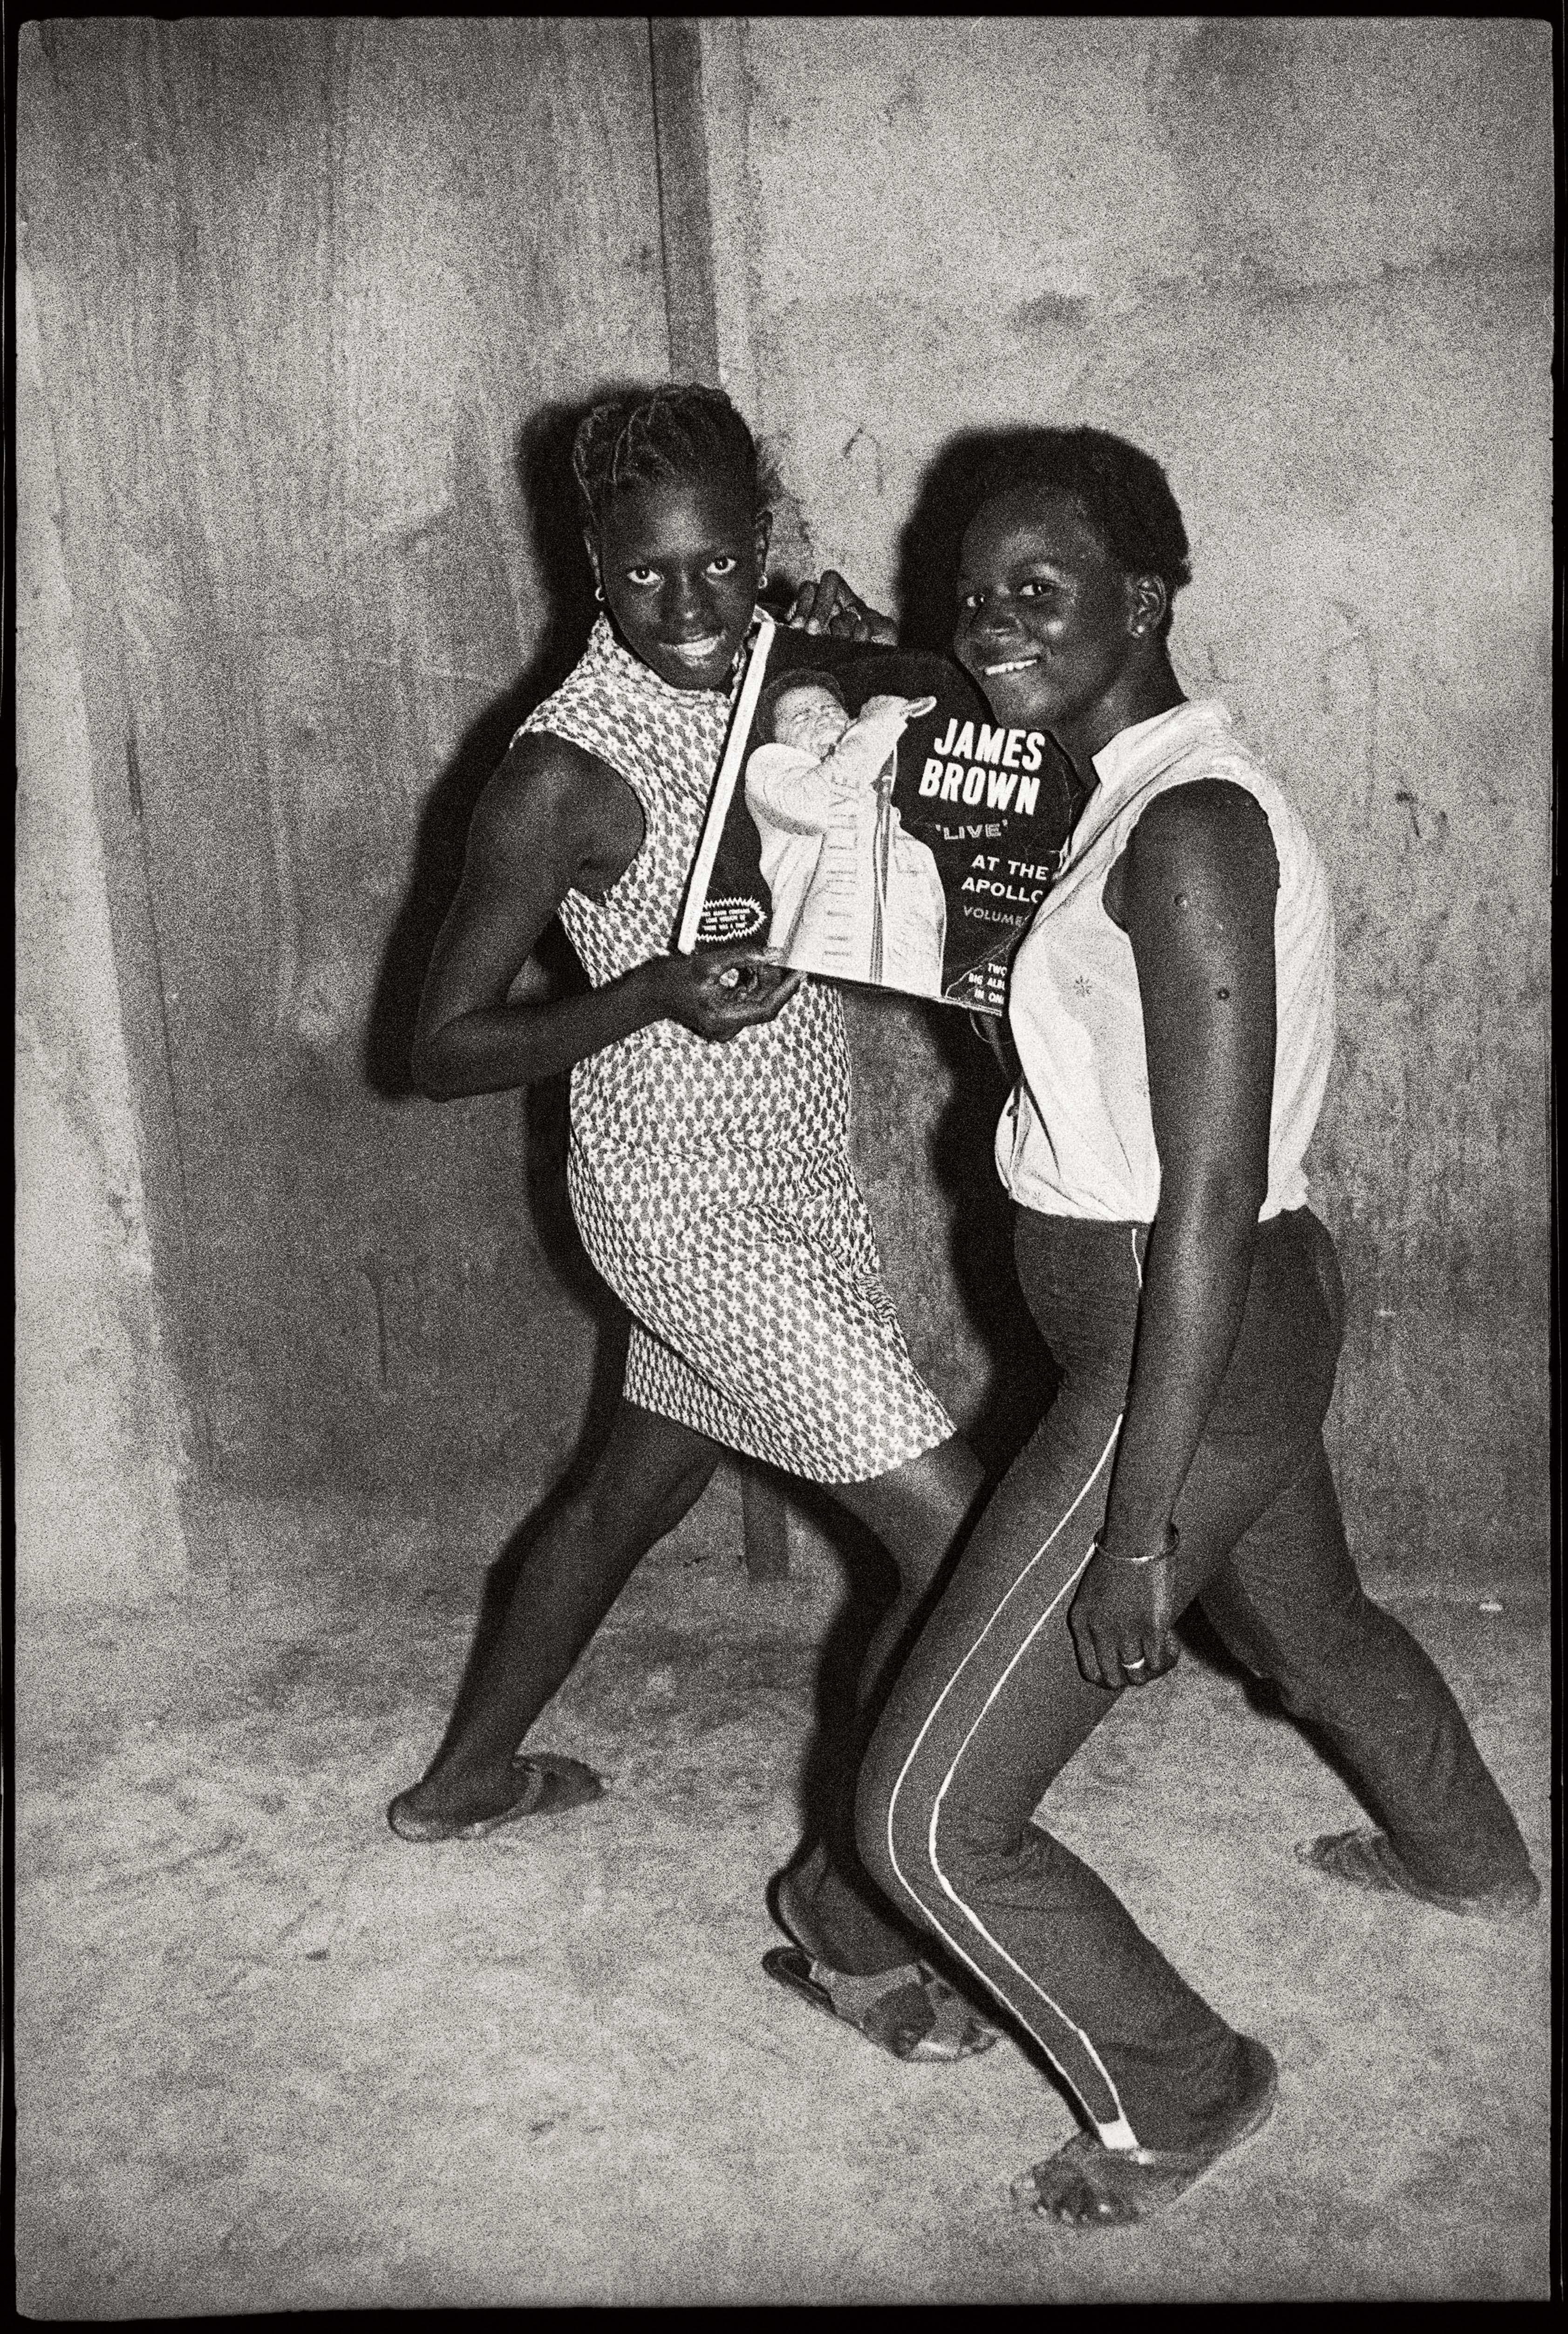 Malick Sidibé Fans de James Brown, 1965 Tirage gélatino-argentique 50,5 x 40,5 cm Collection Fondation Cartier pour l'art contemporain, Paris © Malick Sidibé